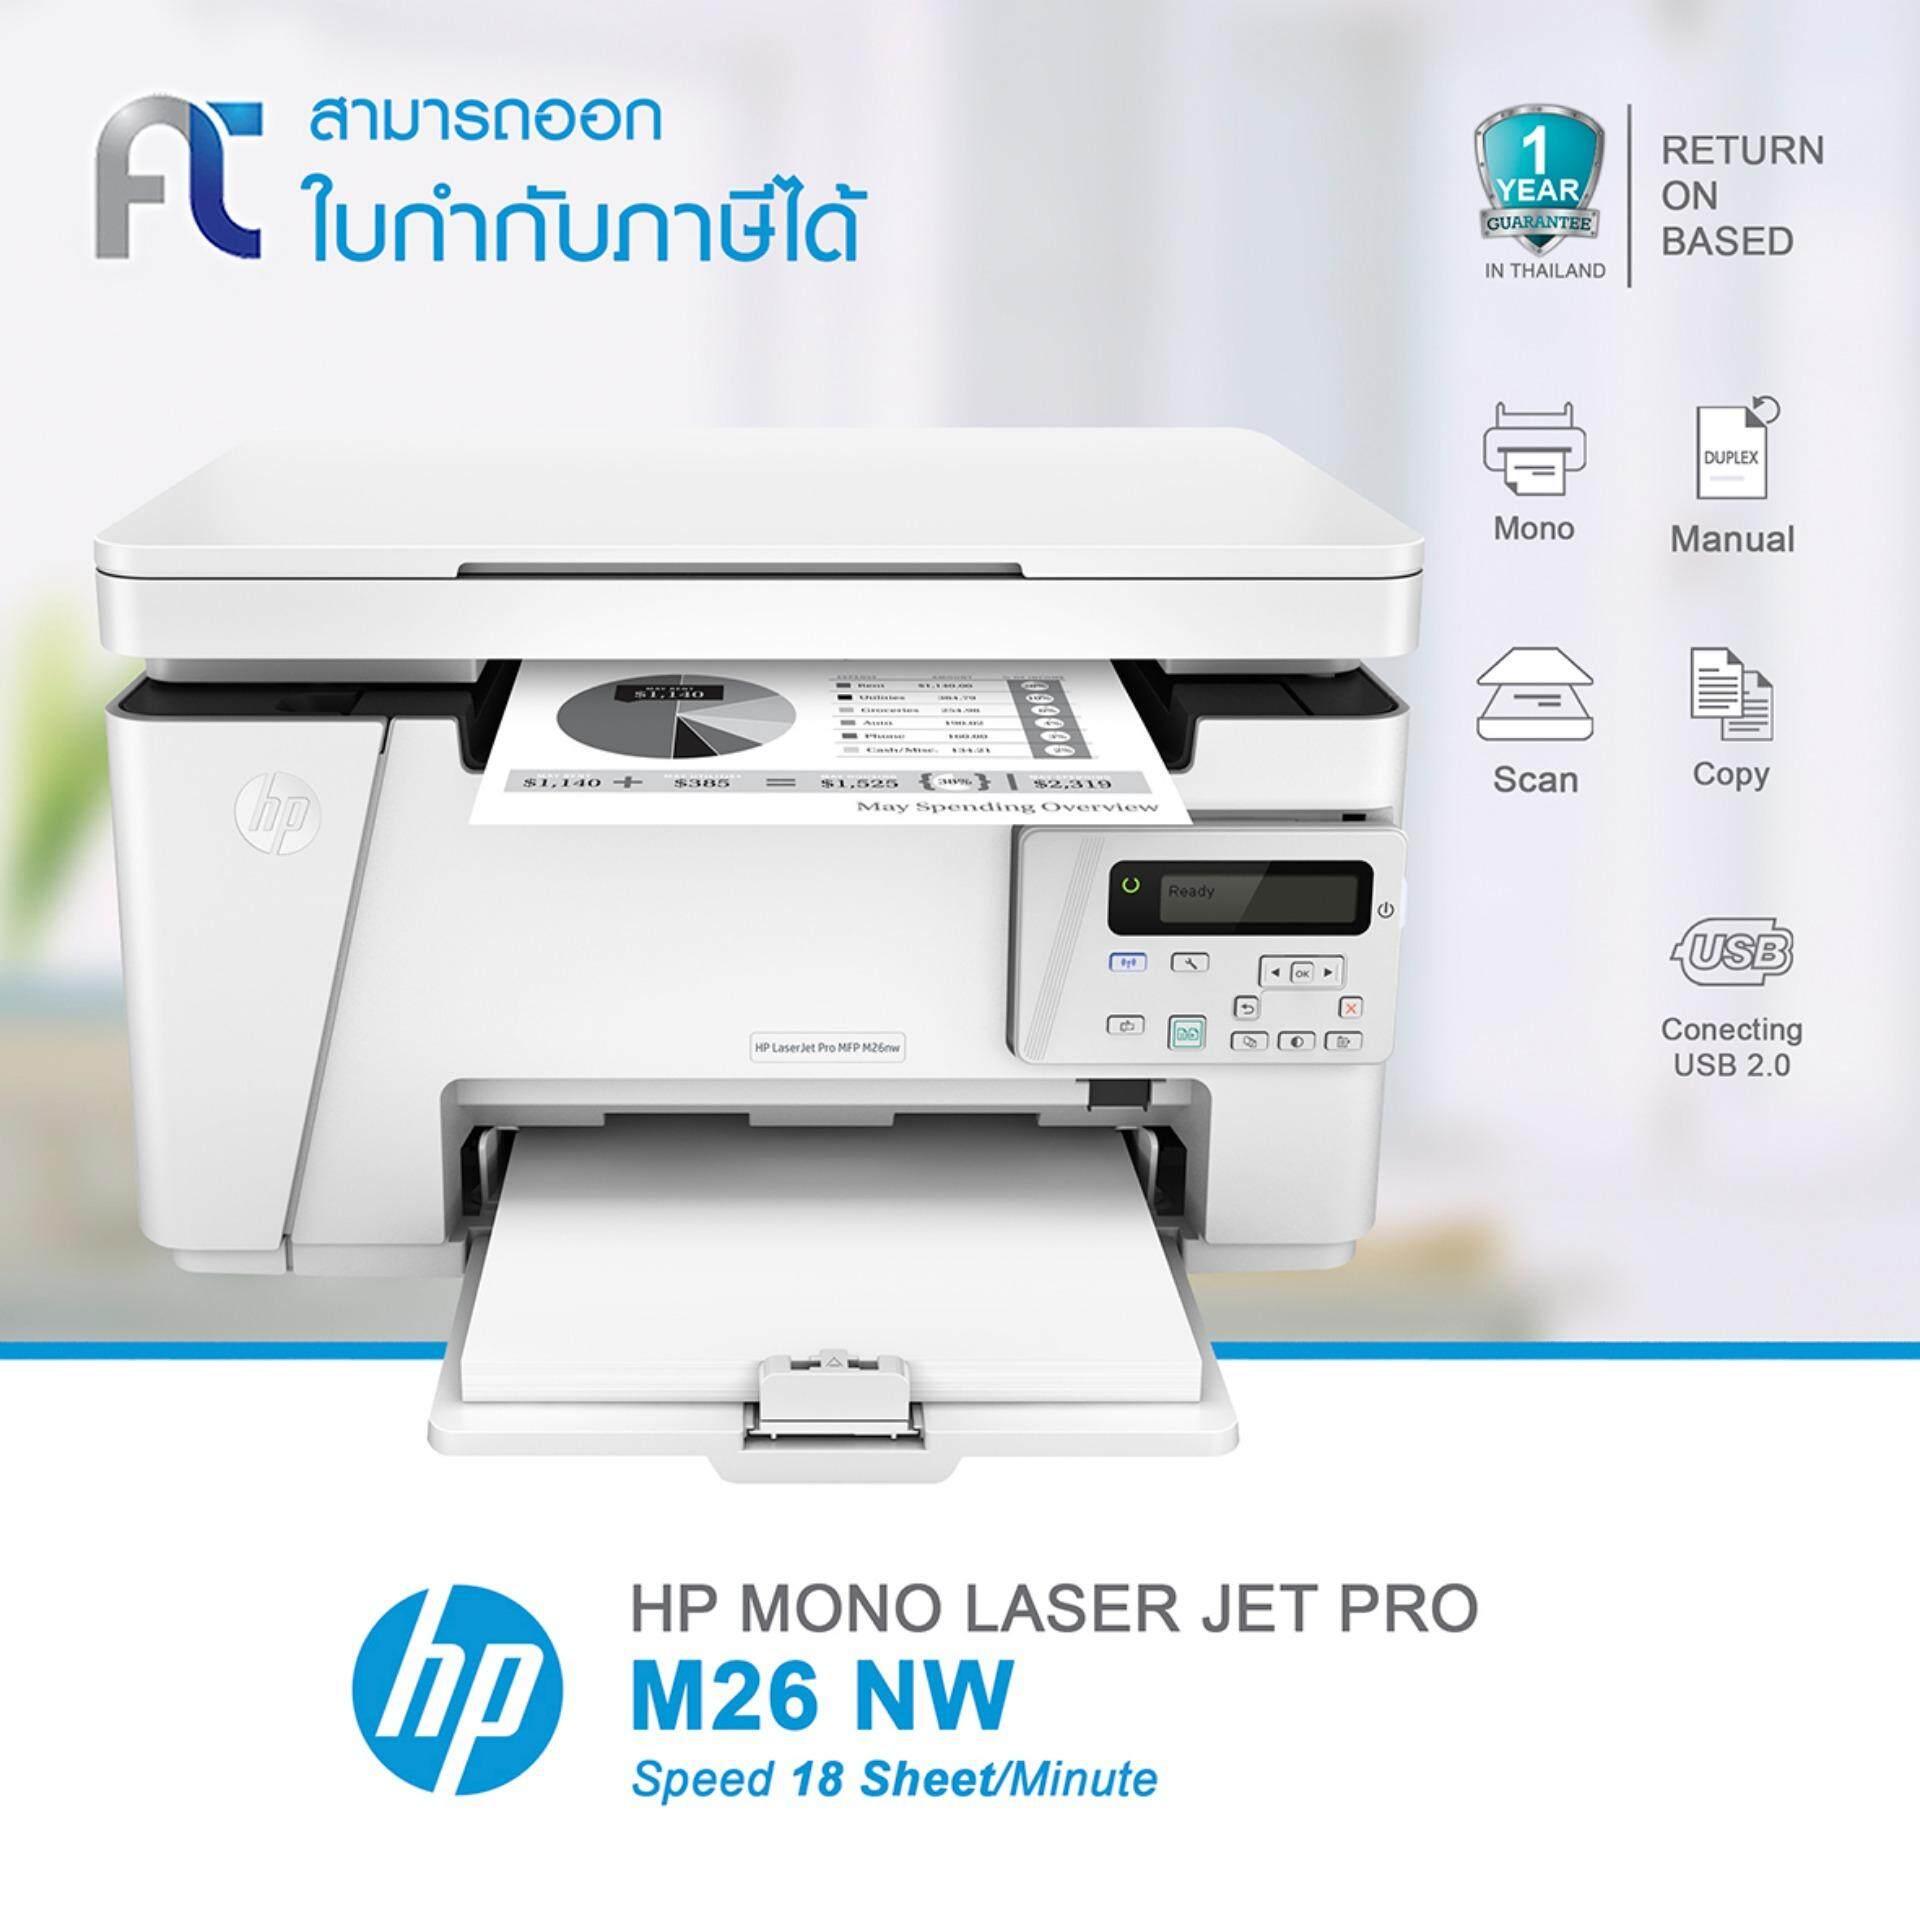 ซื้อ 3 Year Warranty Hp Laserjet Pro Mfp M26Nw Print Copy Scan Hp ถูก